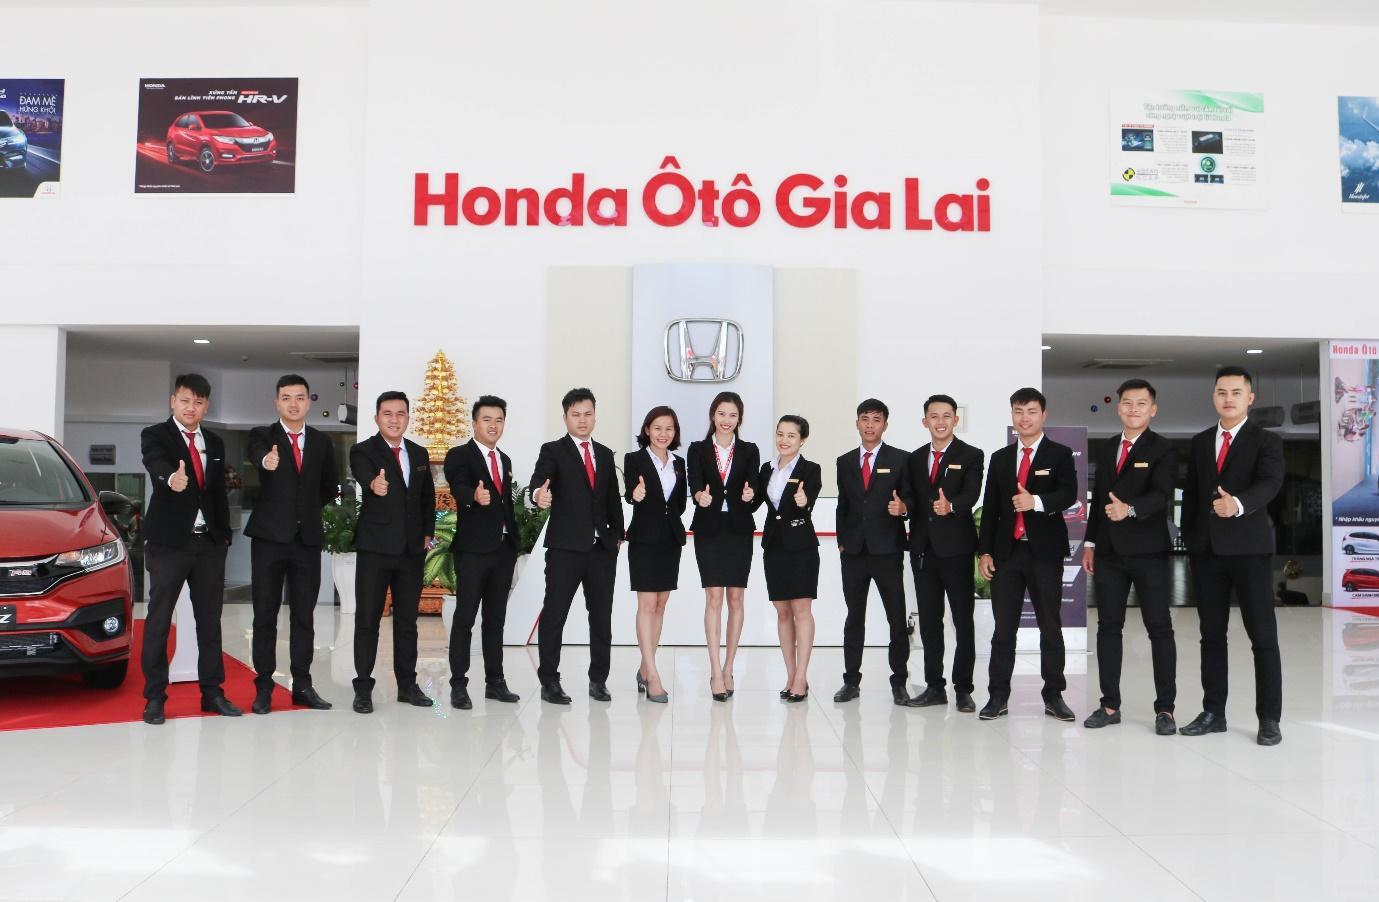 """""""Làm thoả mãn hơn cả sự mong đợi của khách hàng!"""" - Đại lý chuẩn 5S Honda ô tô Gia Lai - Ảnh 4"""